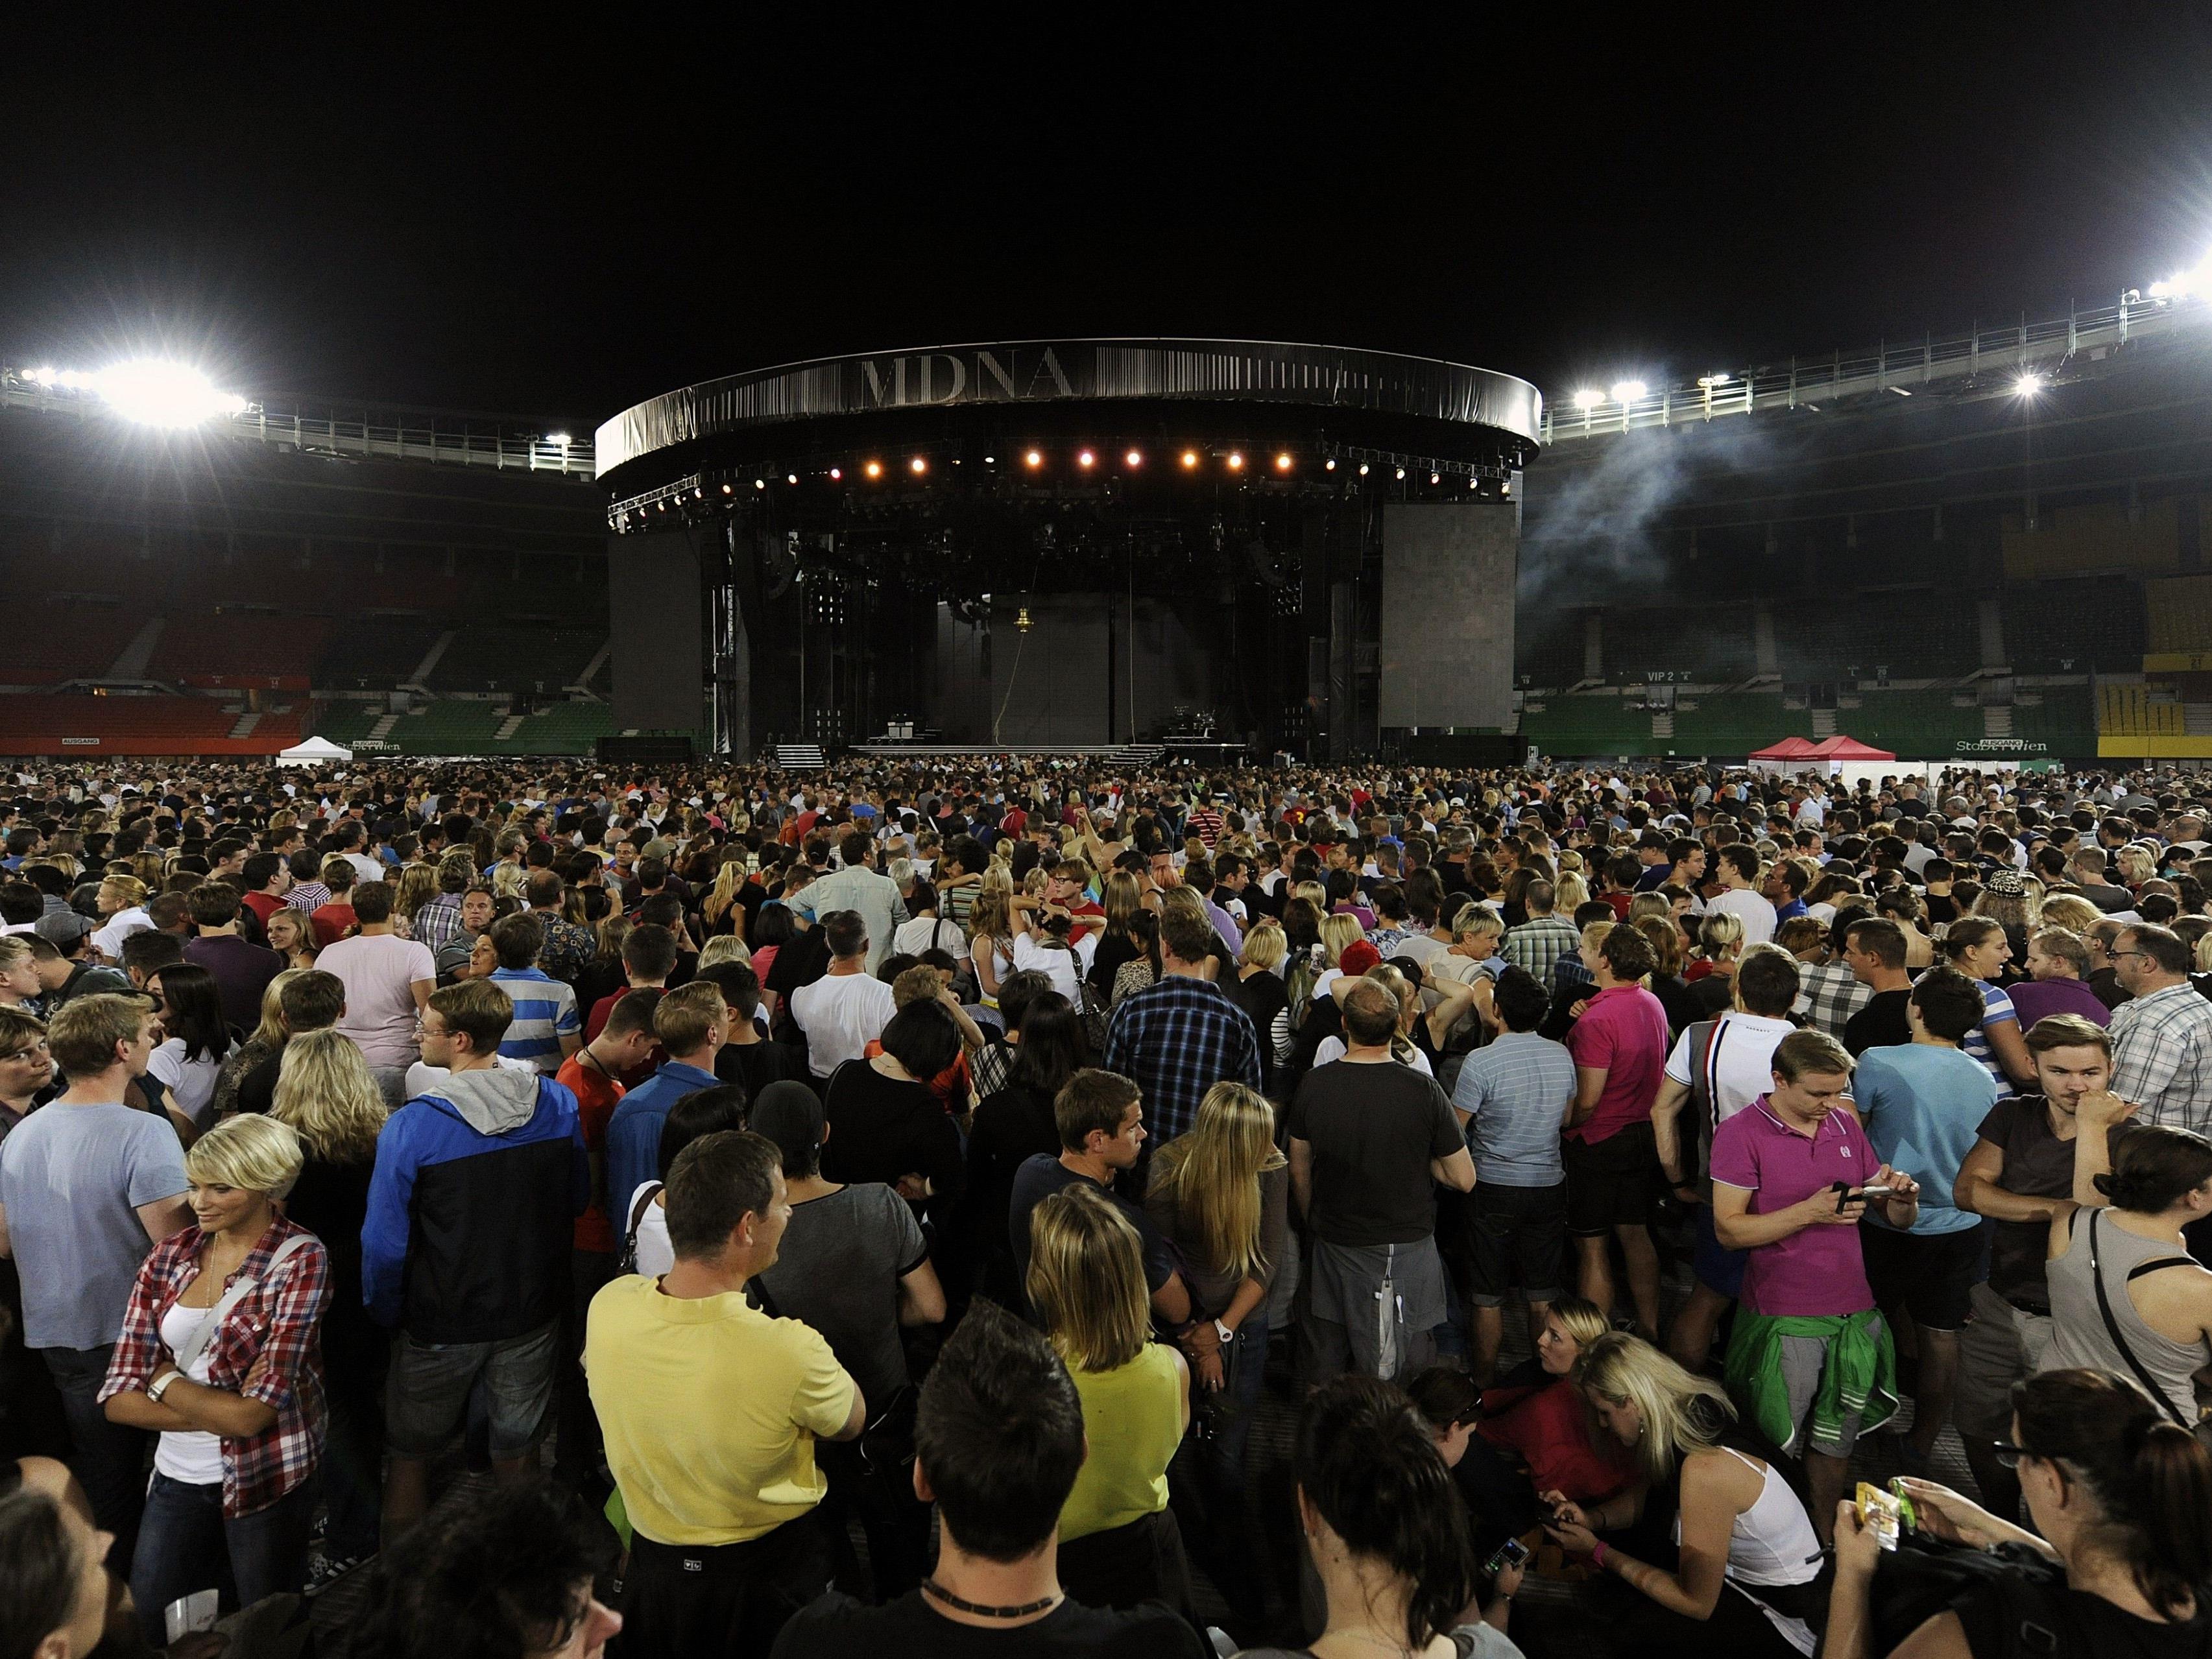 Rund um das Ernst Happel Stadion werden wegen dem Guns N' Roses Konzert Staus erwartet.